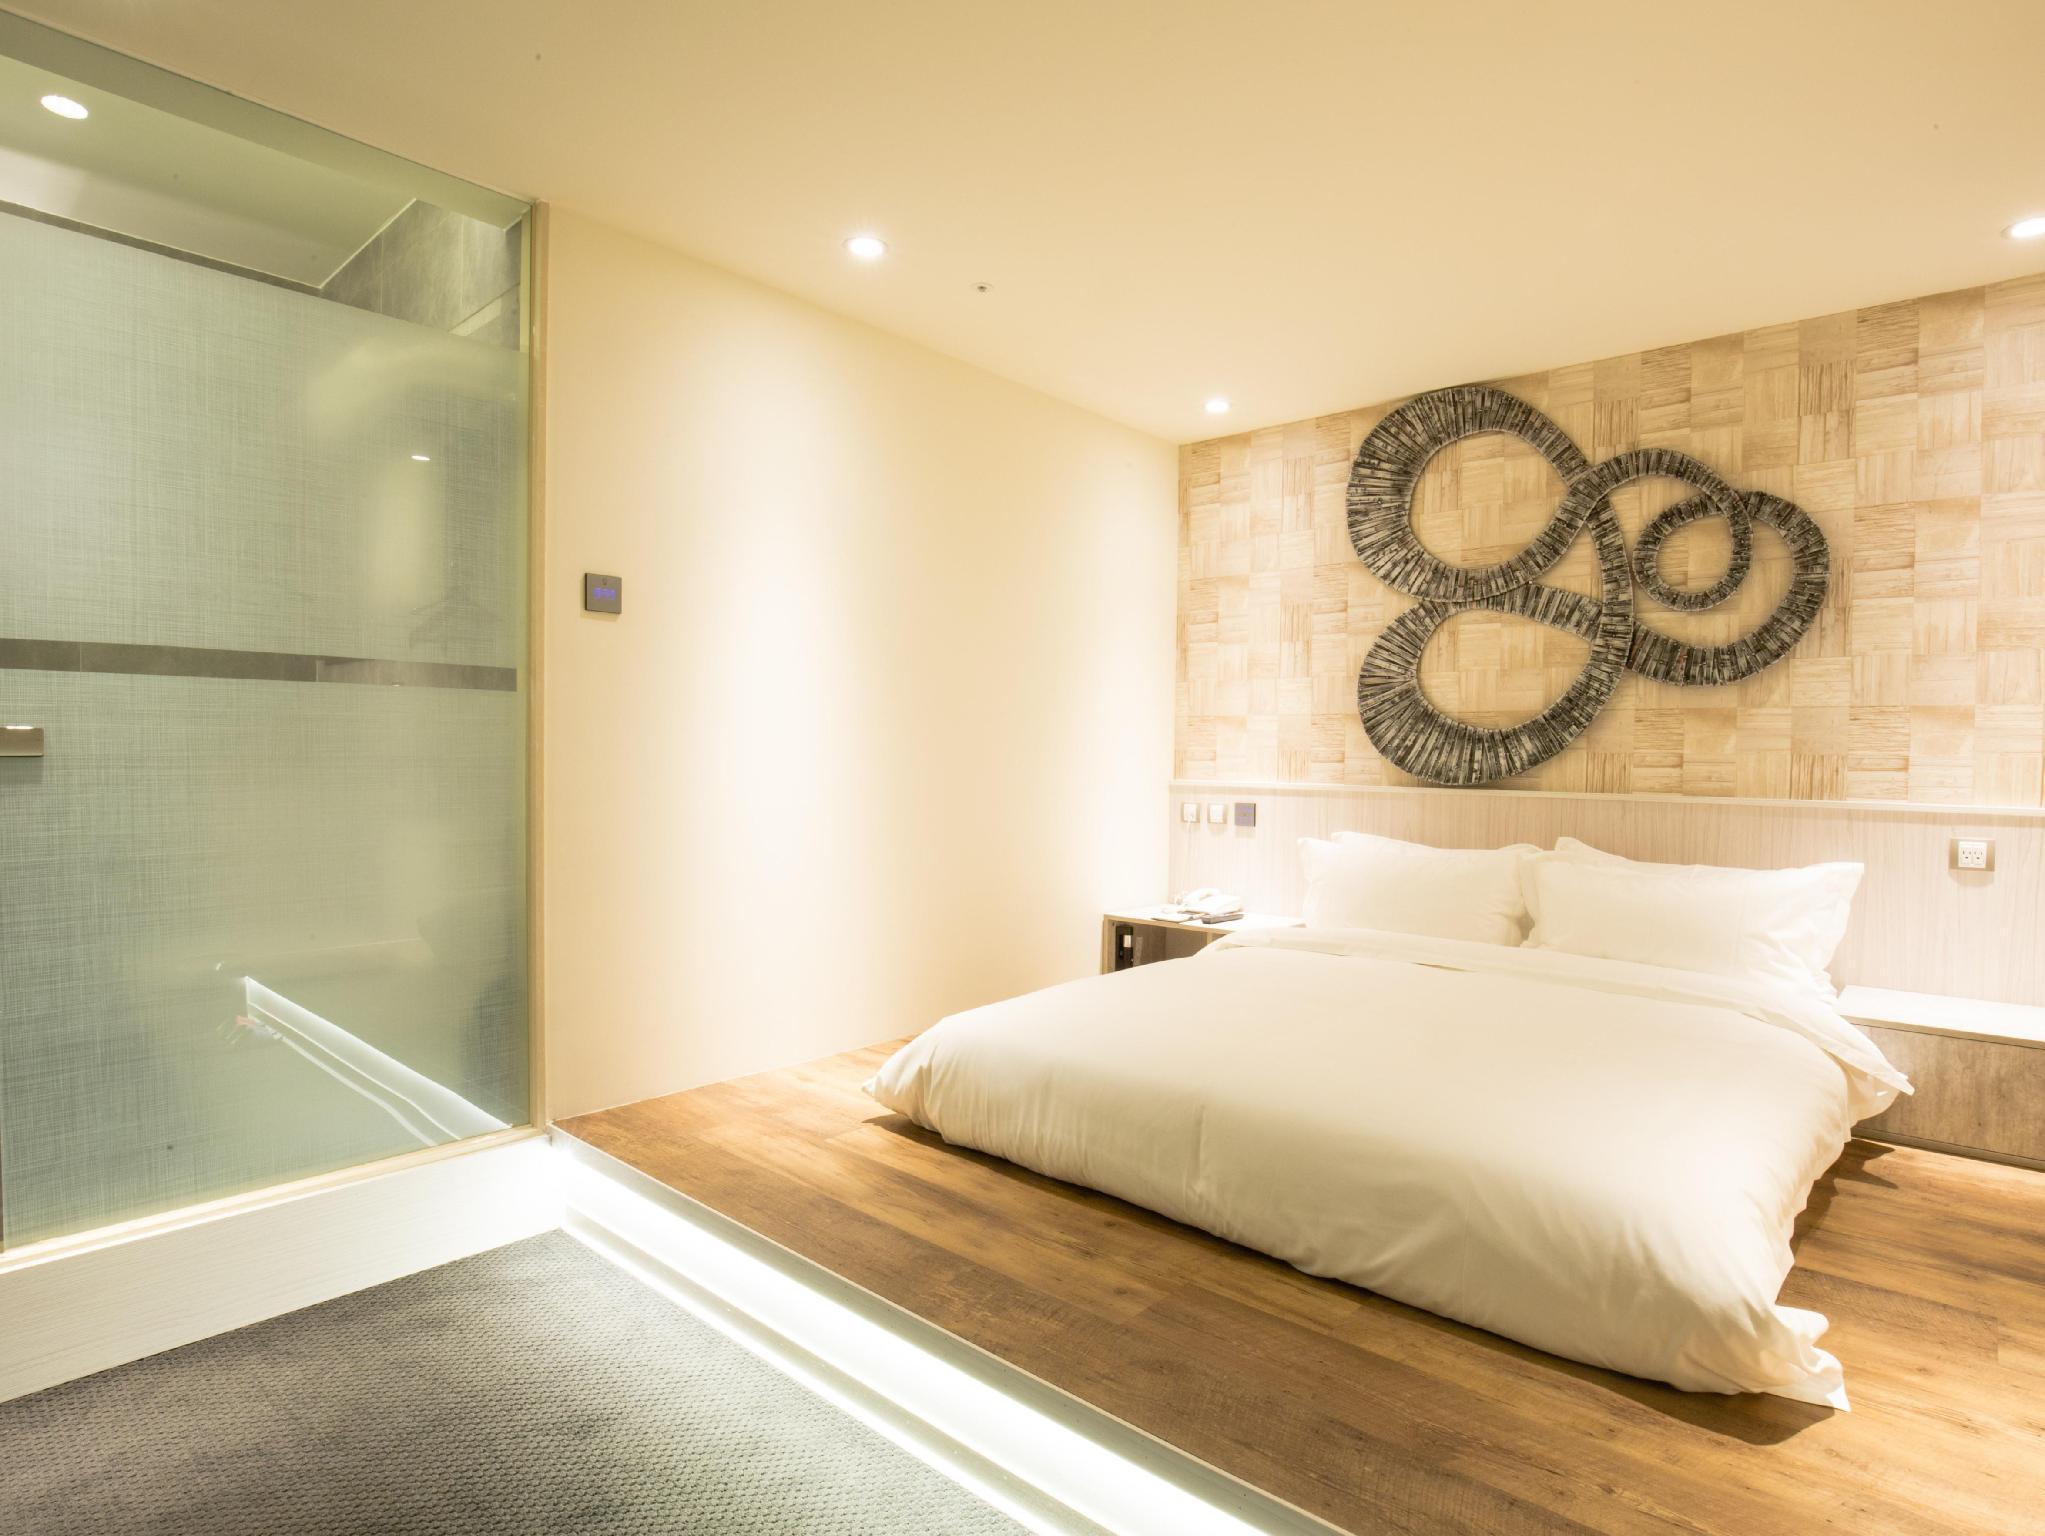 Hotel fun ximen taipei ximending taiwan hotels for Design hotel ximen zhonghua